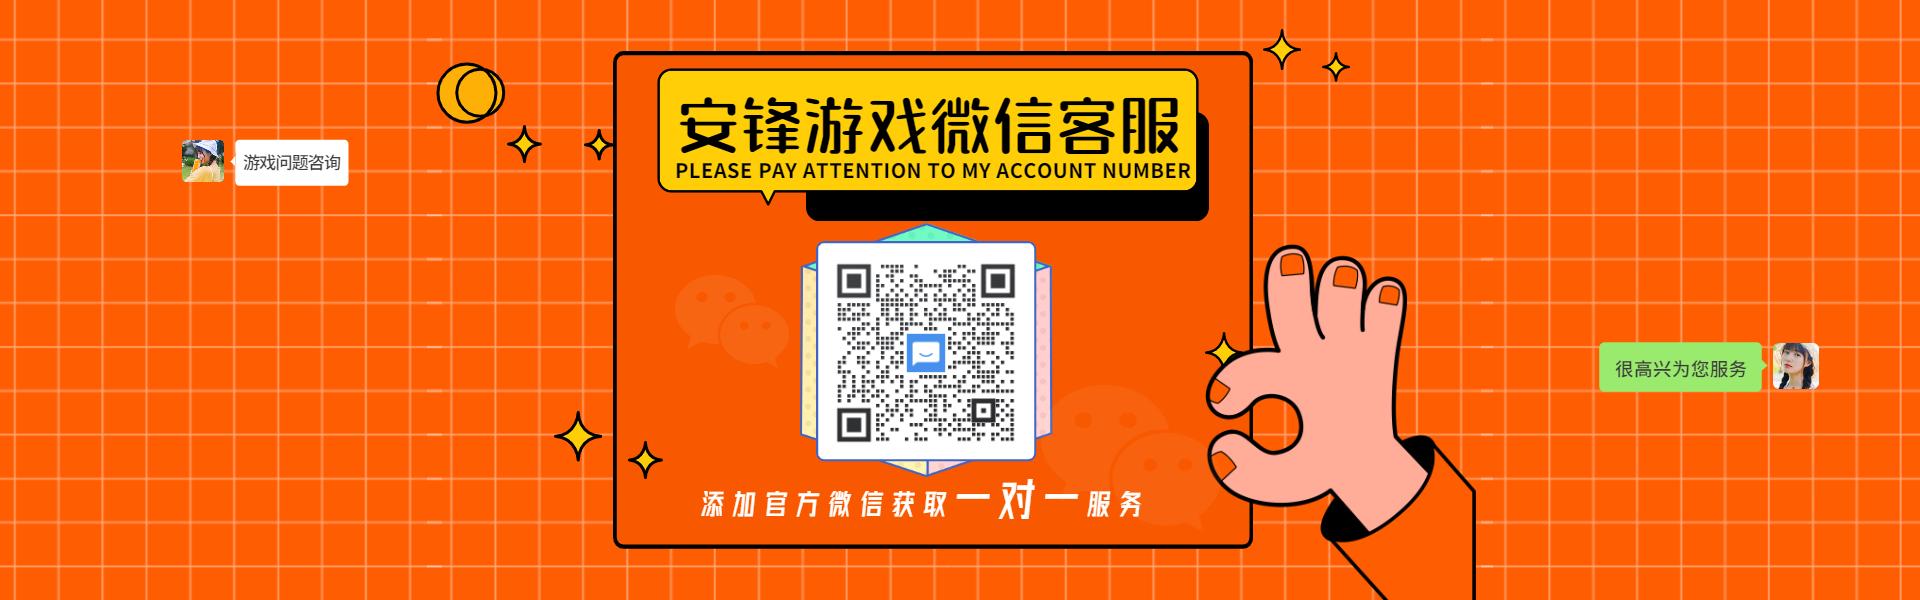 扫码关注官方客服微信